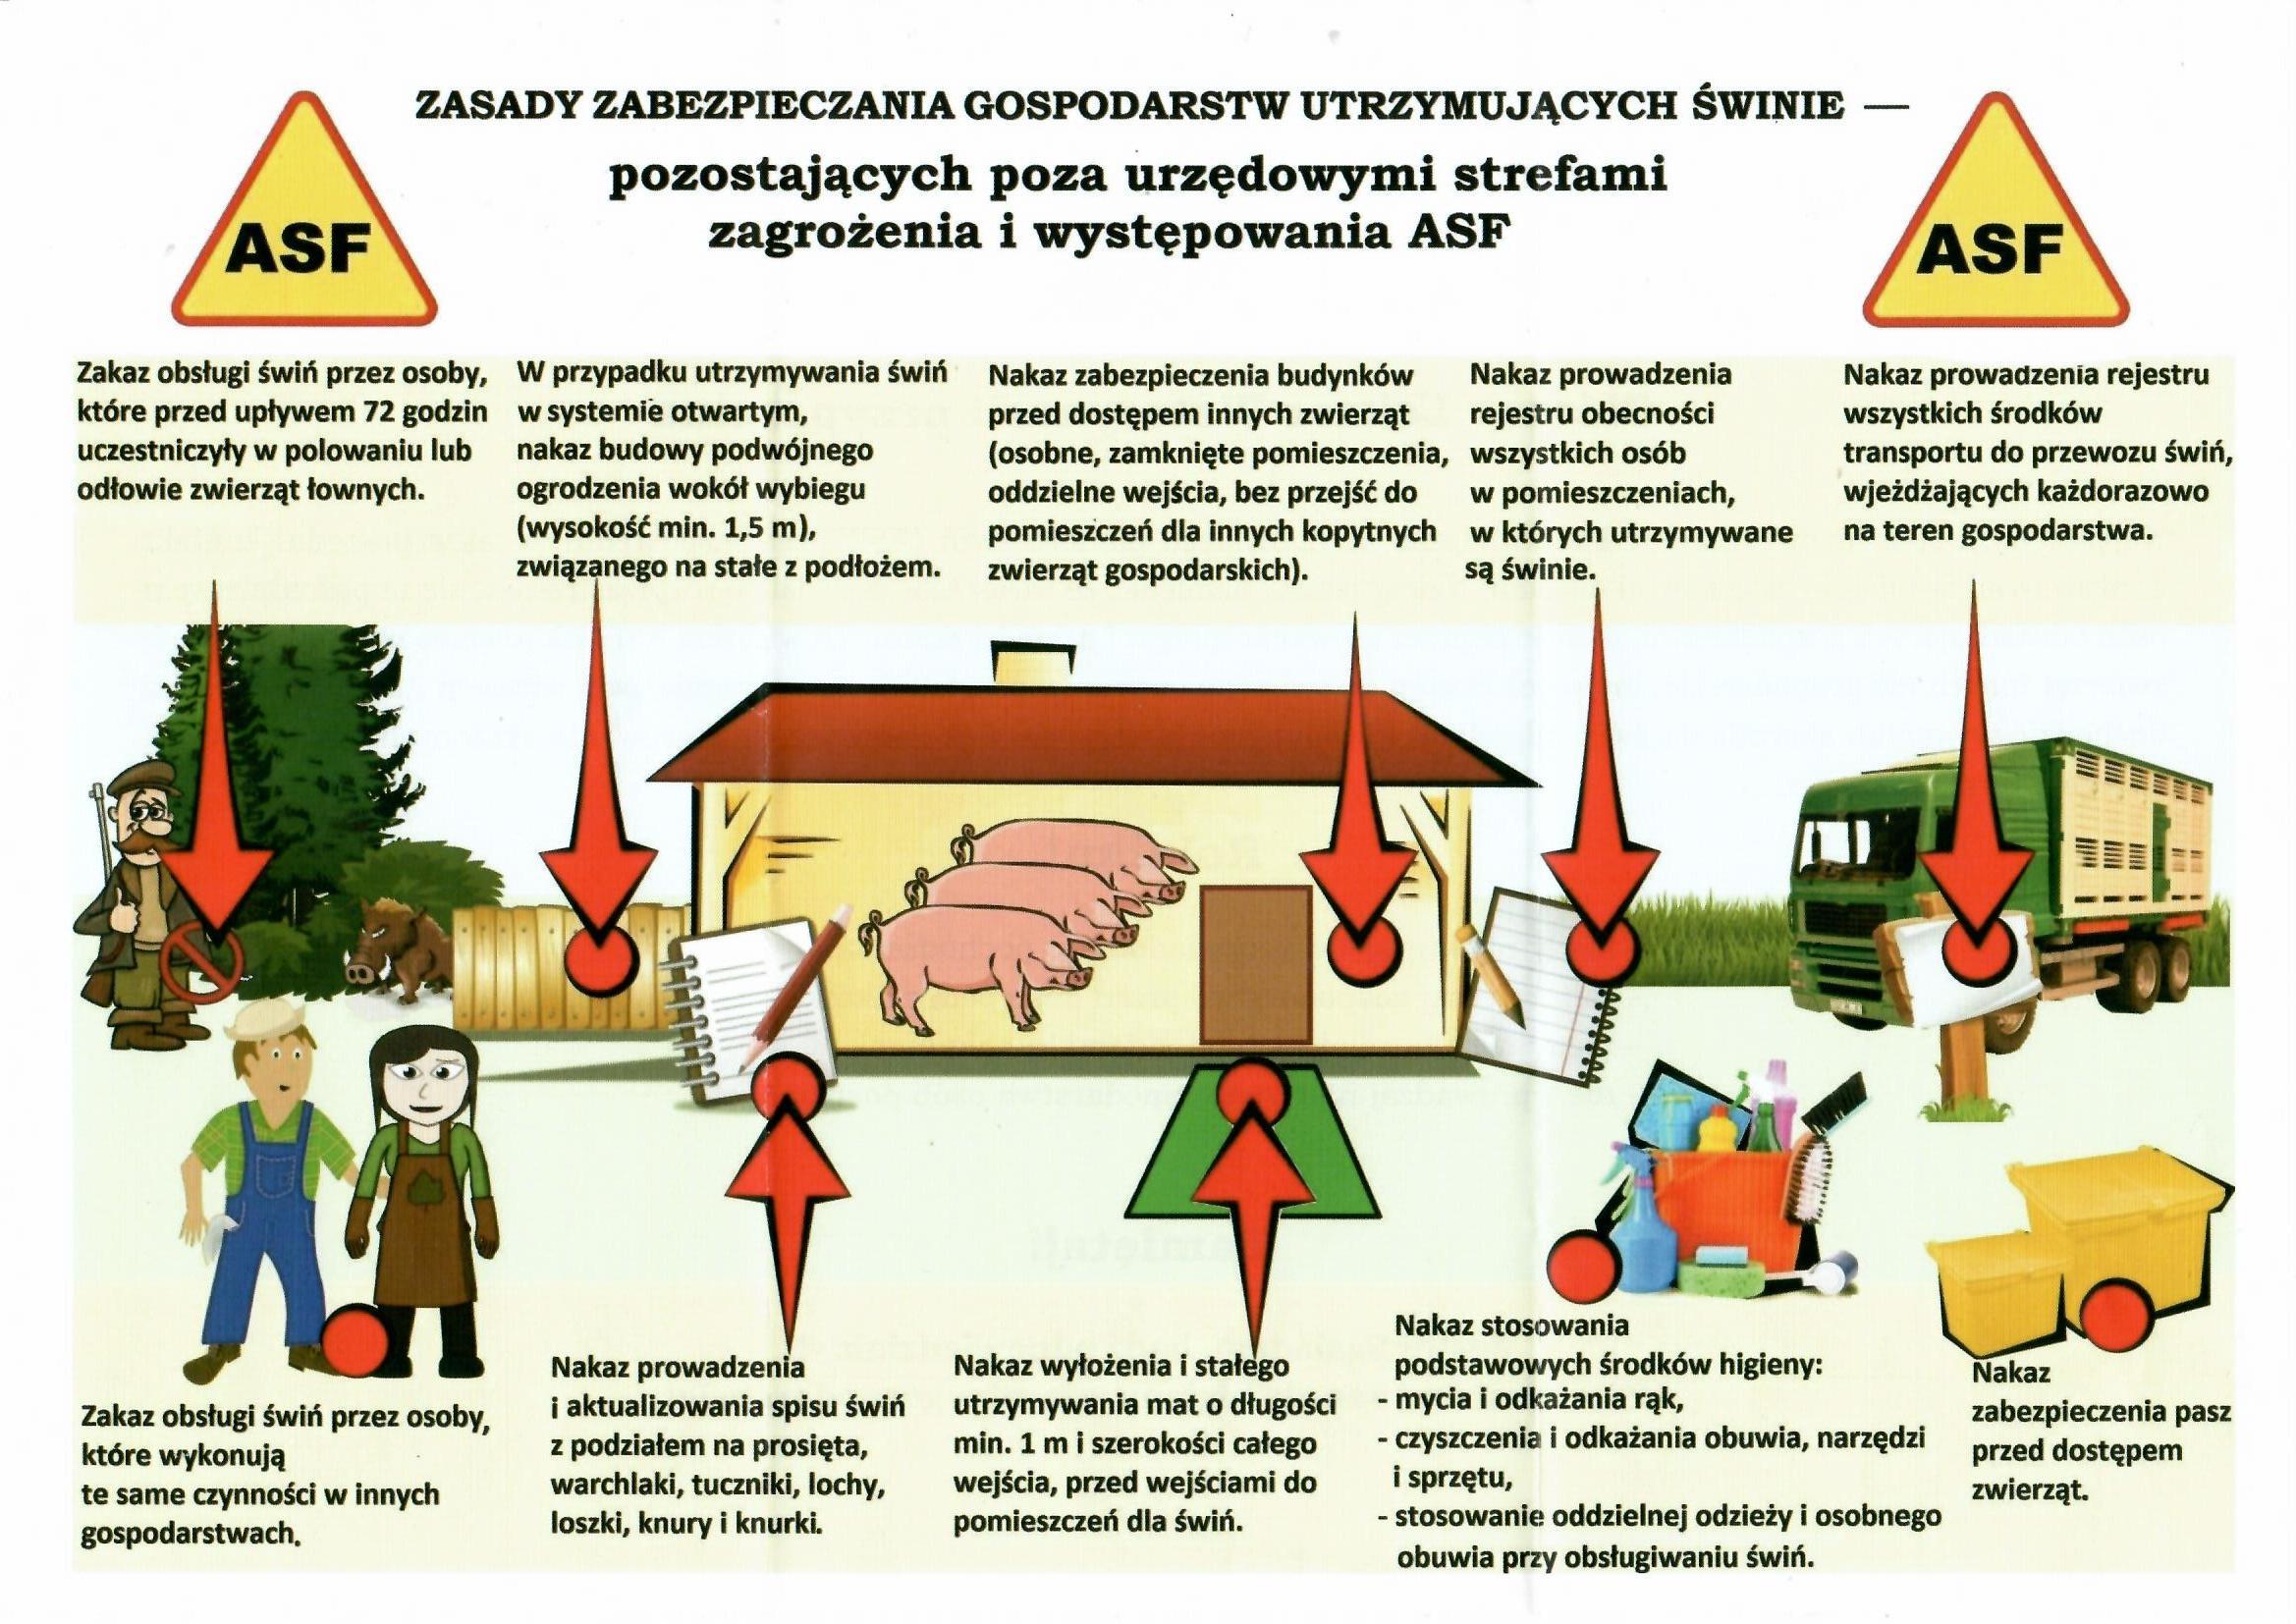 http://www.adamowka.pl/gmina/wp-content/uploads/2019/08/zasdy-zabezpieczenia.jpg